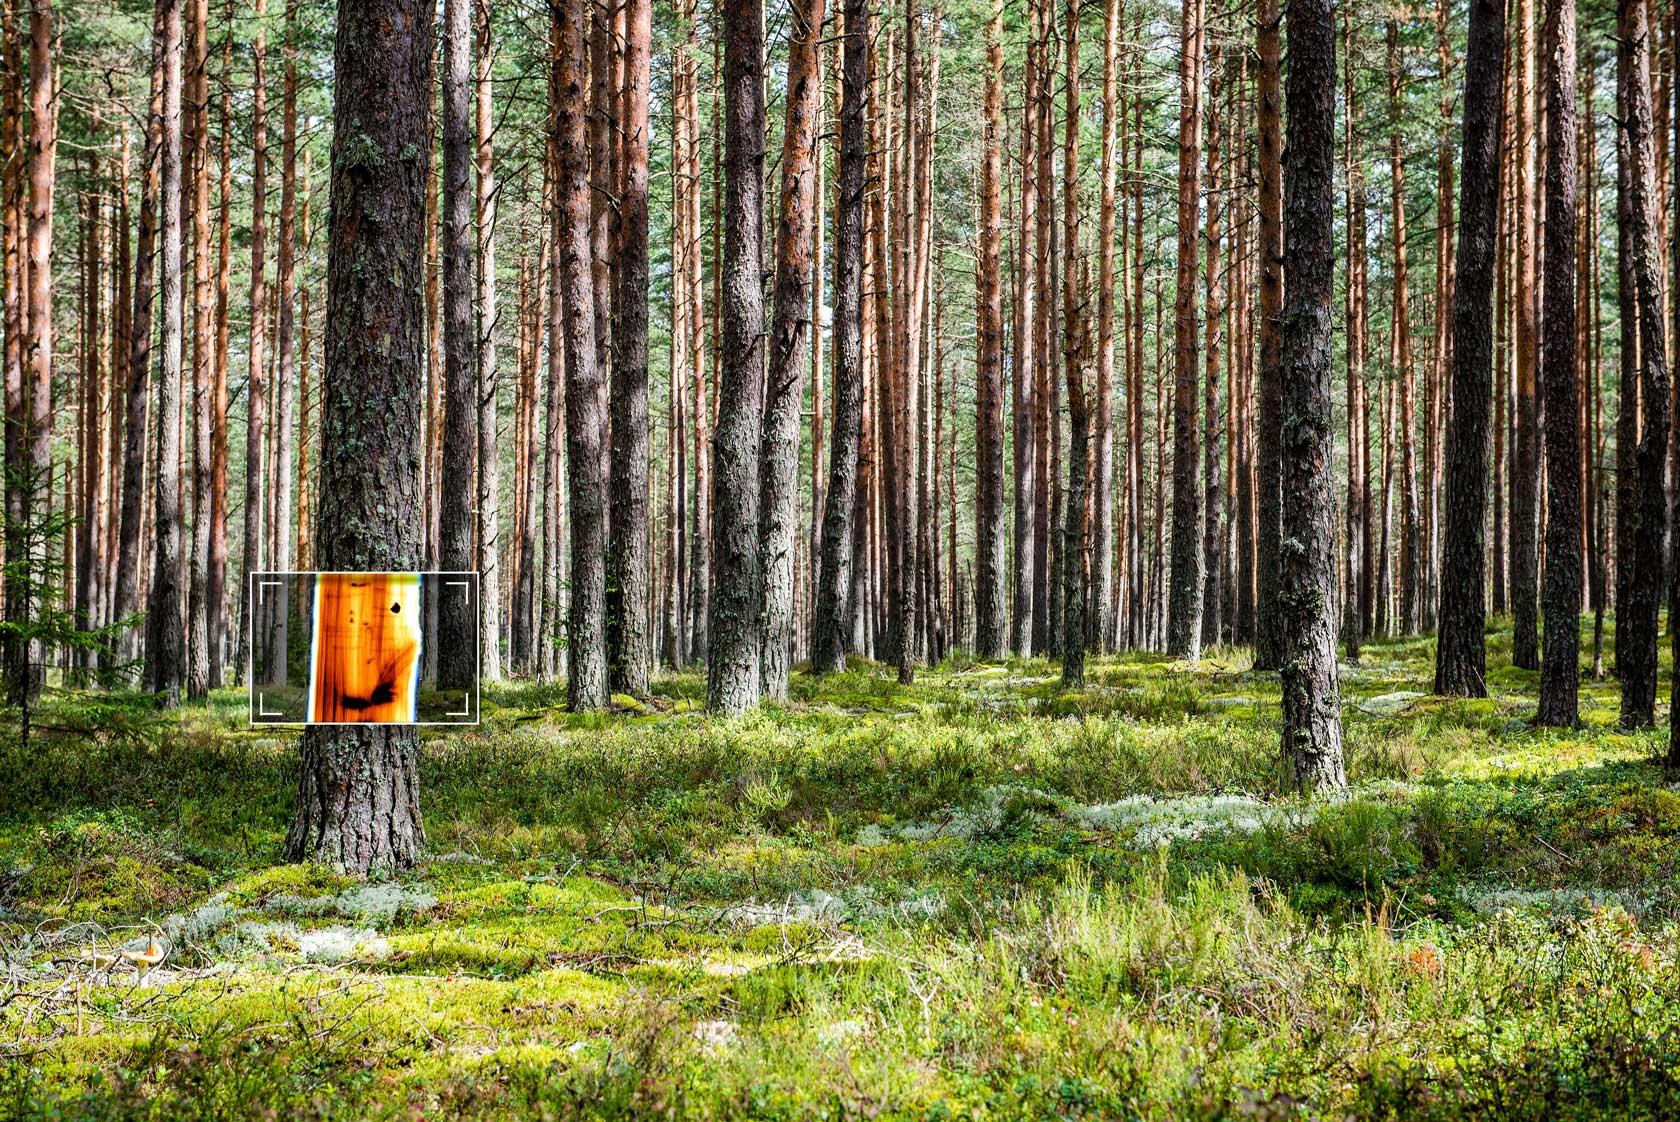 Finnos-Metsa-Sellu-Tiili-teollisuuden-Uusi-ulottuvuus